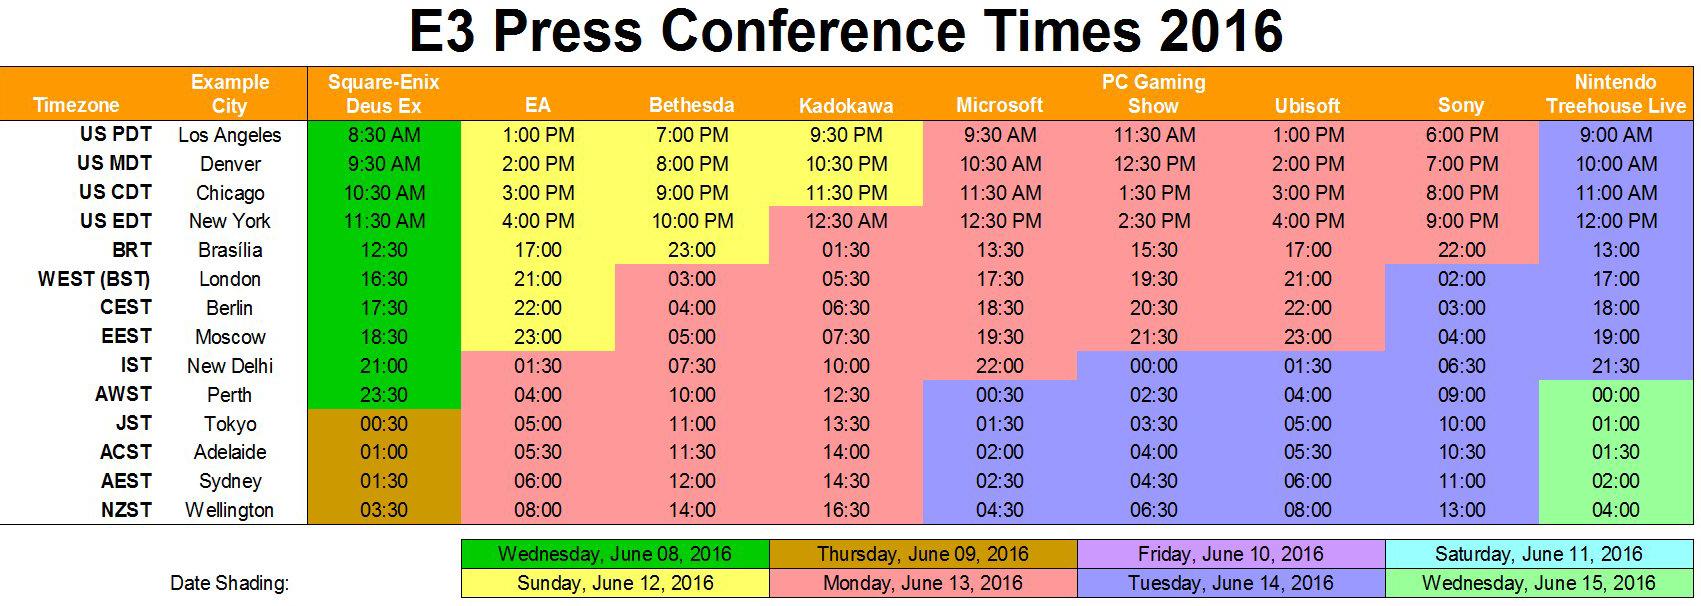 1465283943-e3-2016-press-conferences-times2